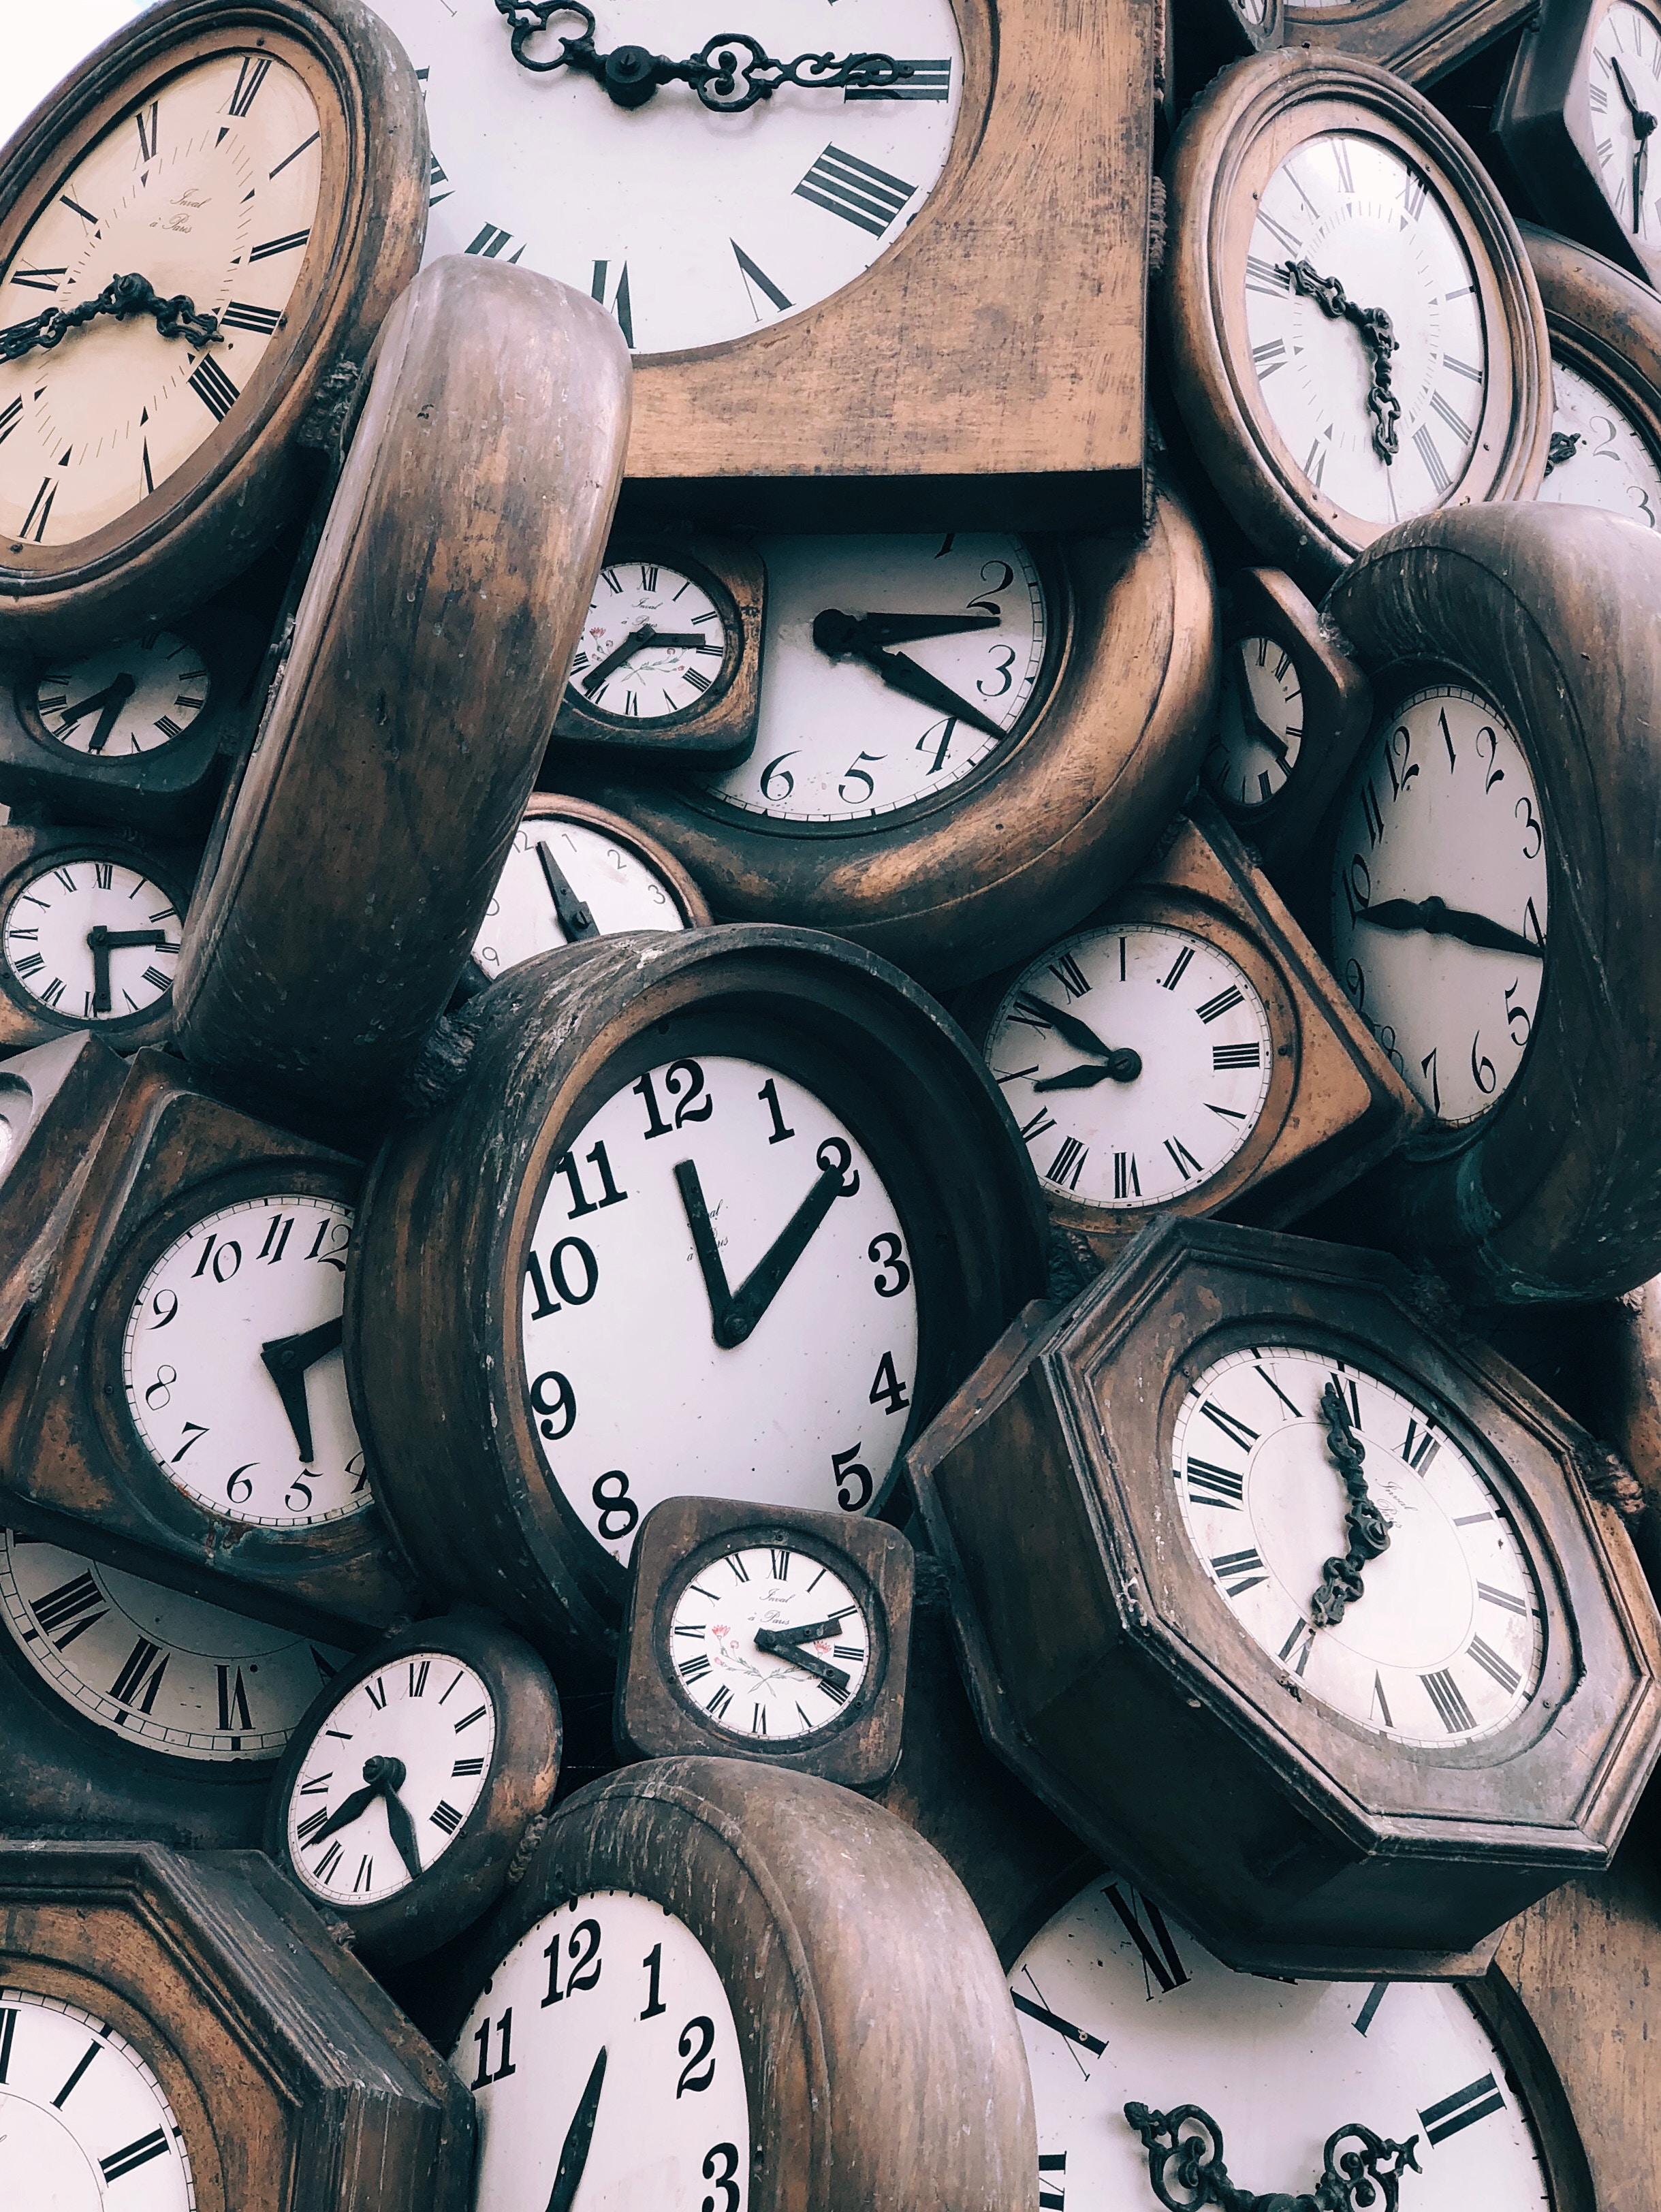 clocks-photo.jpg